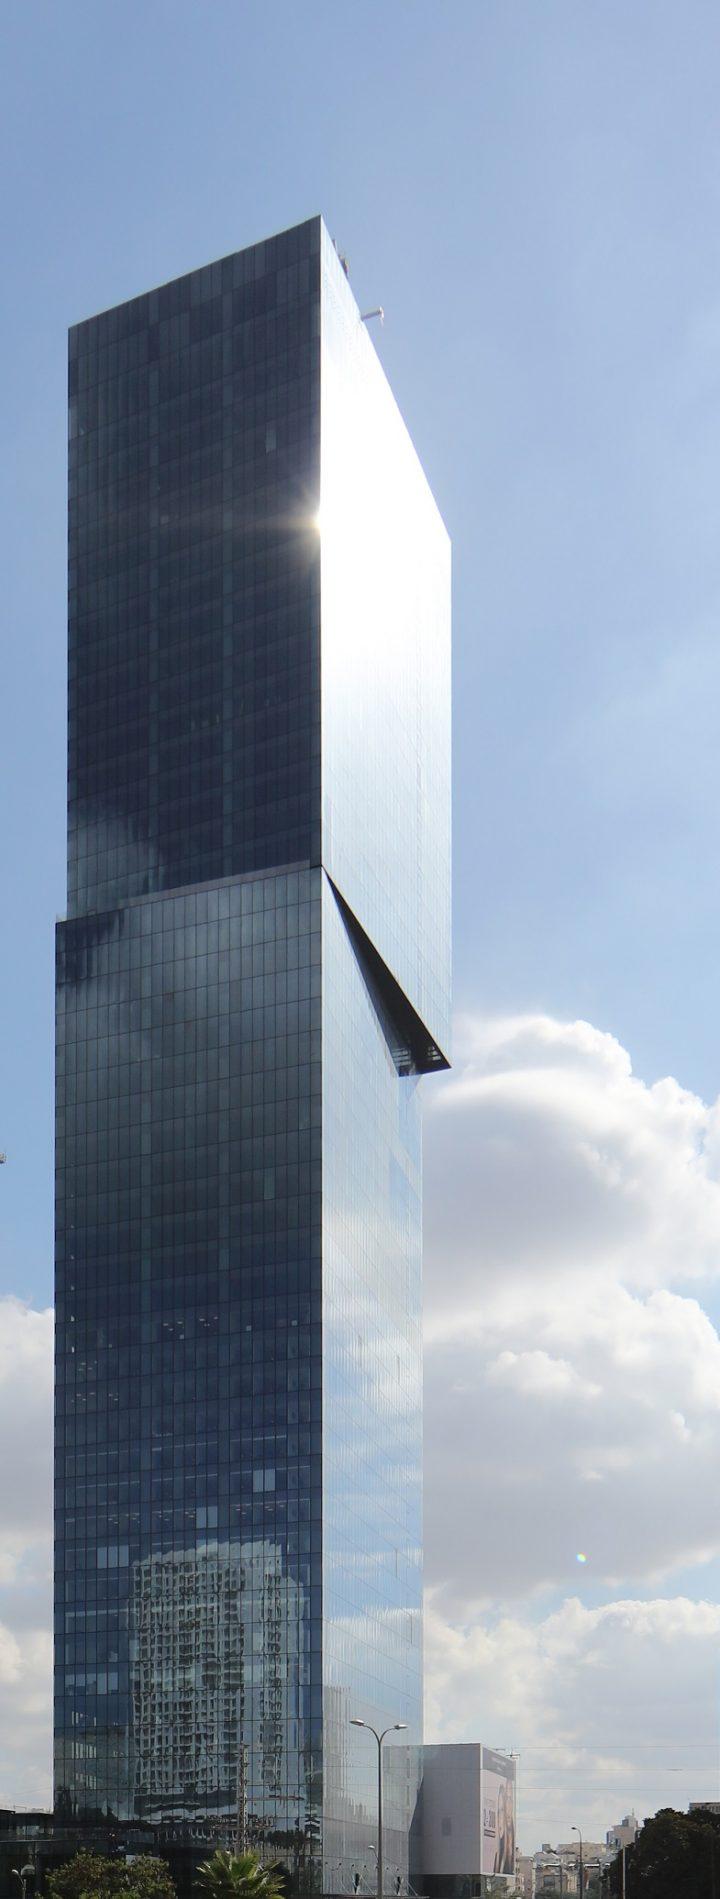 מגדלי המשרדים בפרויקט מידטאון. תכנון: הפרויקט משה צור אדריכלים ובוני ערים